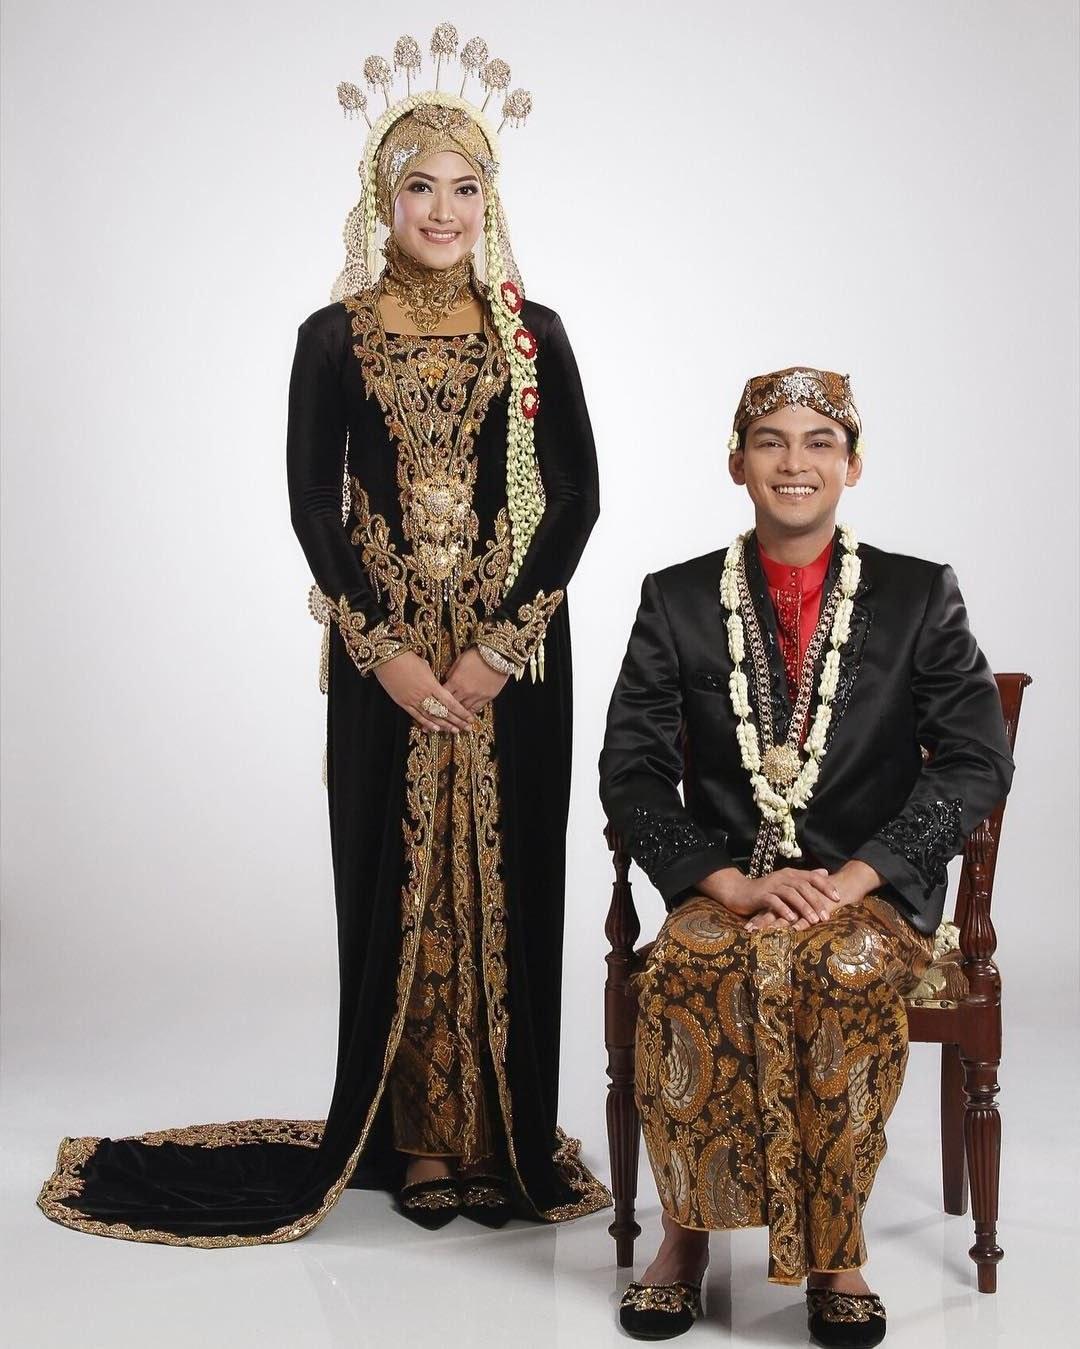 Design Gaun Pengantin Muslimah Adat Jawa 3id6 Baju Pengantin Adat Jawa islami Sesuai Syar I